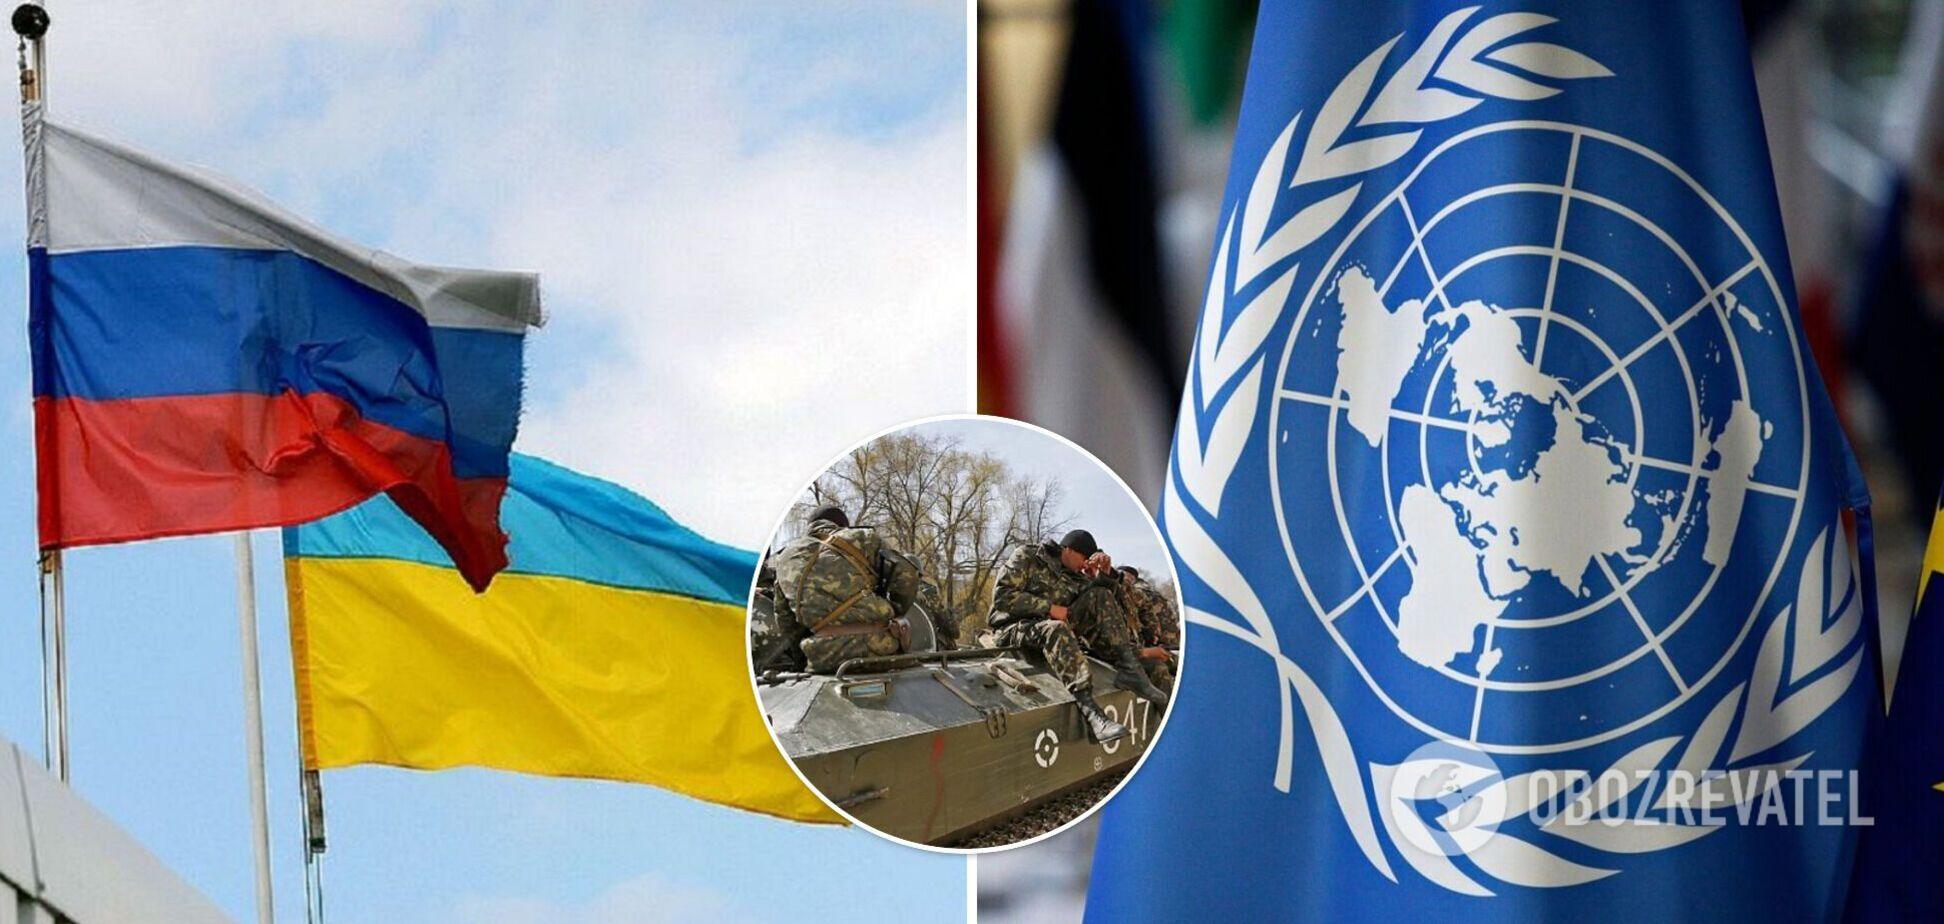 Совместное заявление стран ООН по российско-украинскому конфликту